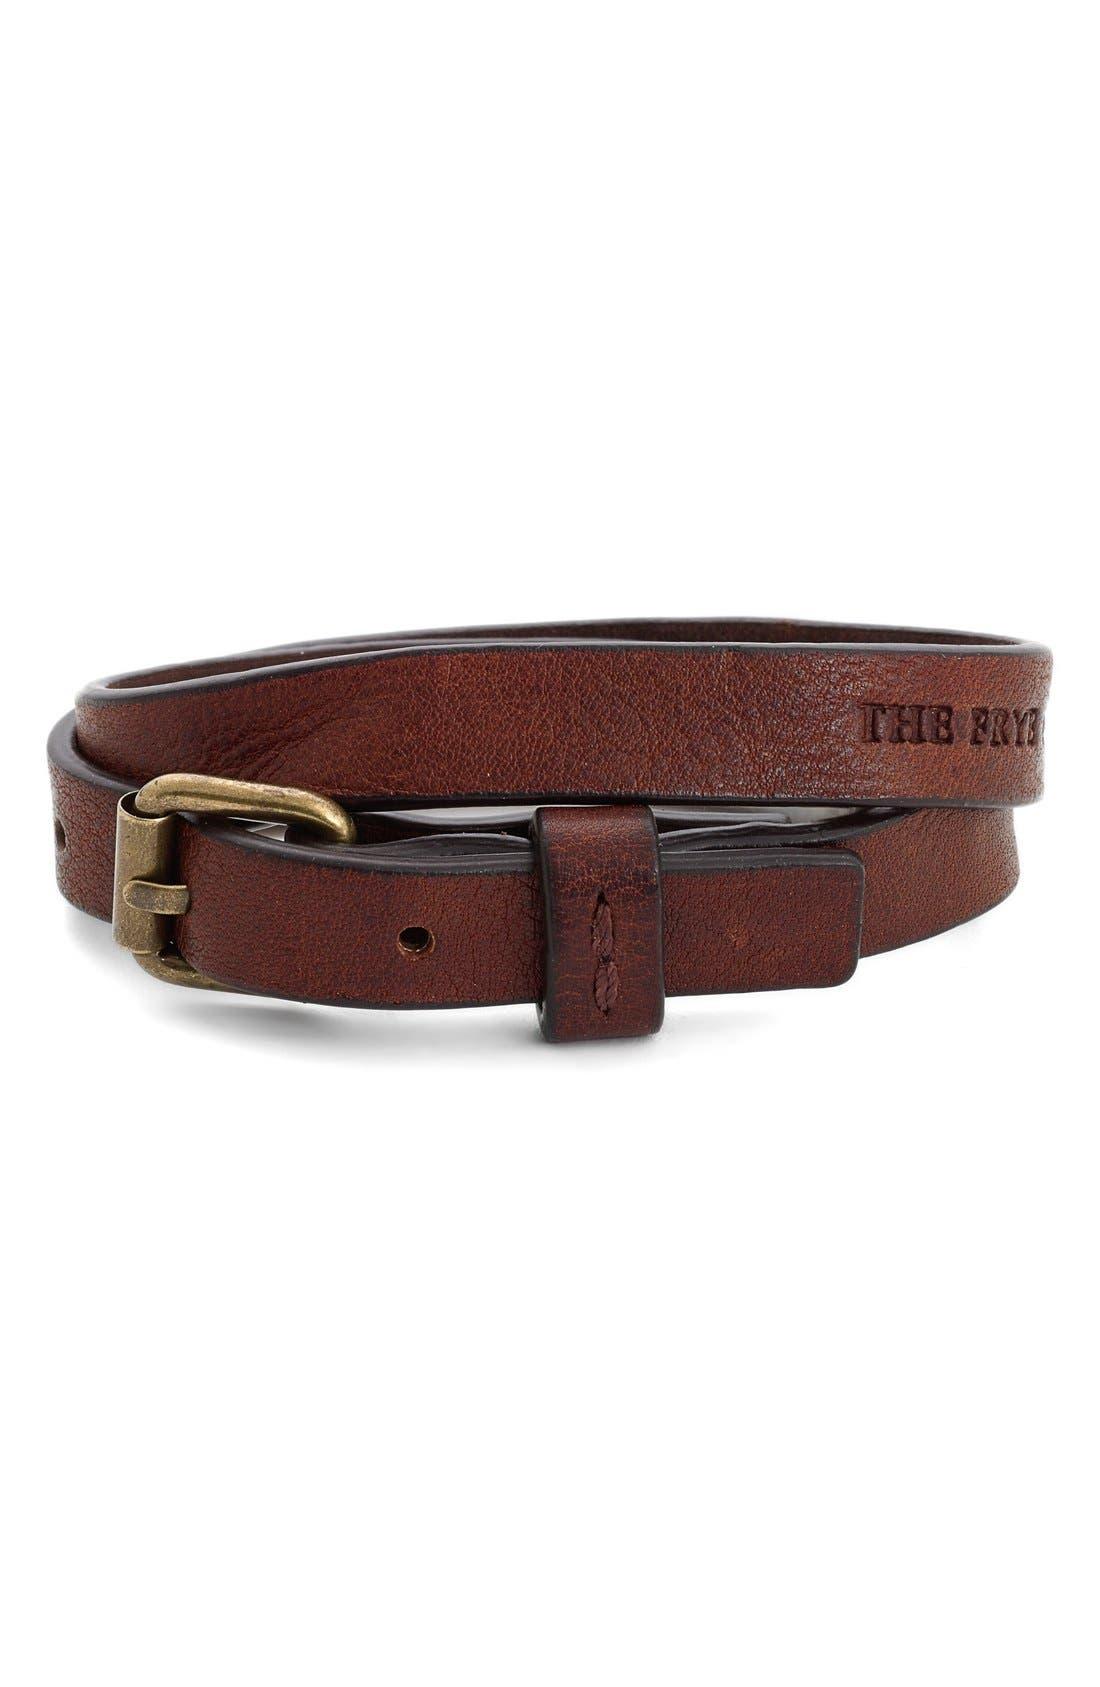 Main Image - Frye Leather Wrap Bracelet